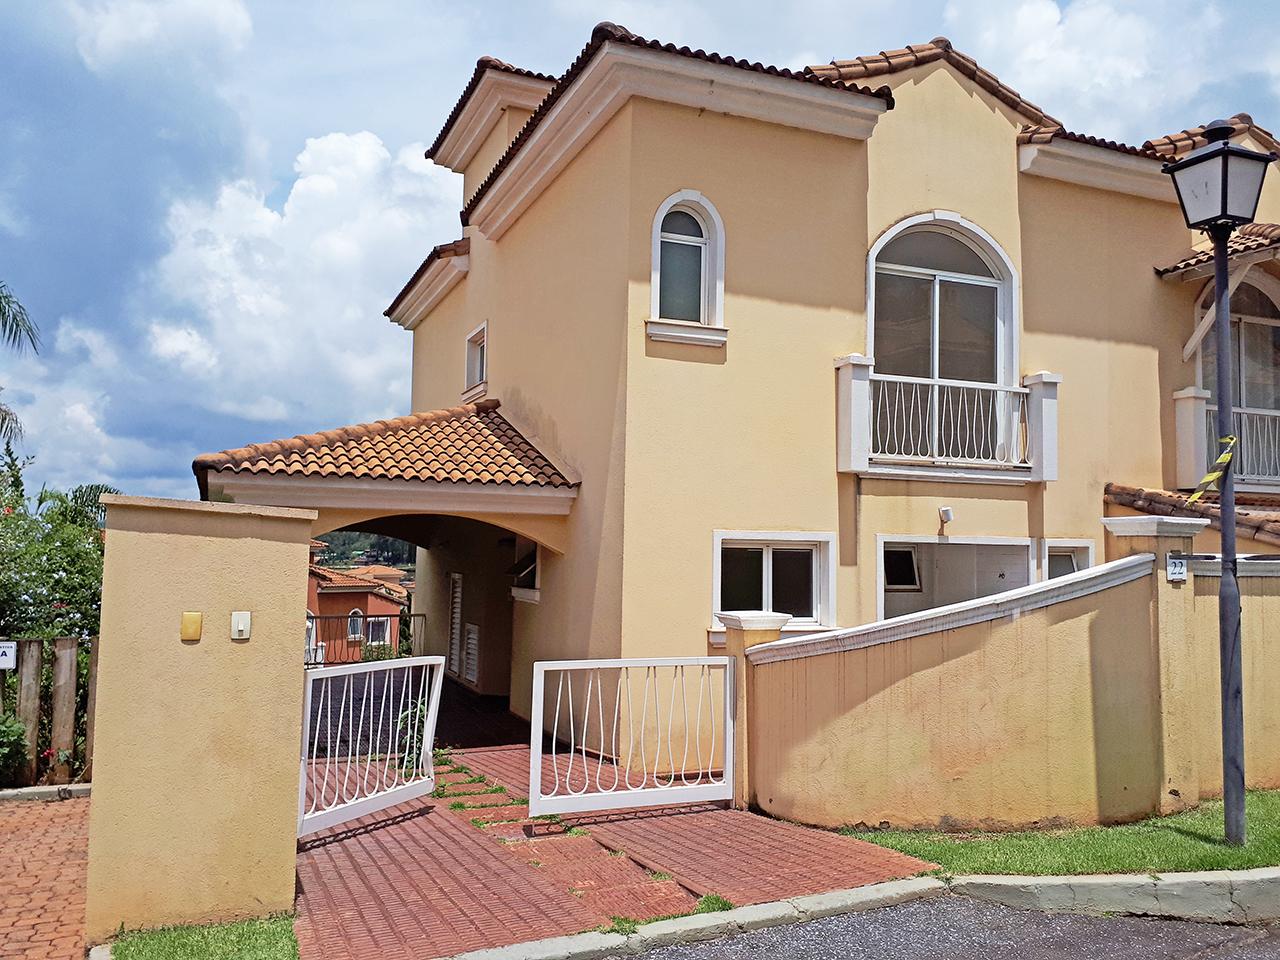 Casa em condomínio de 180m², à venda